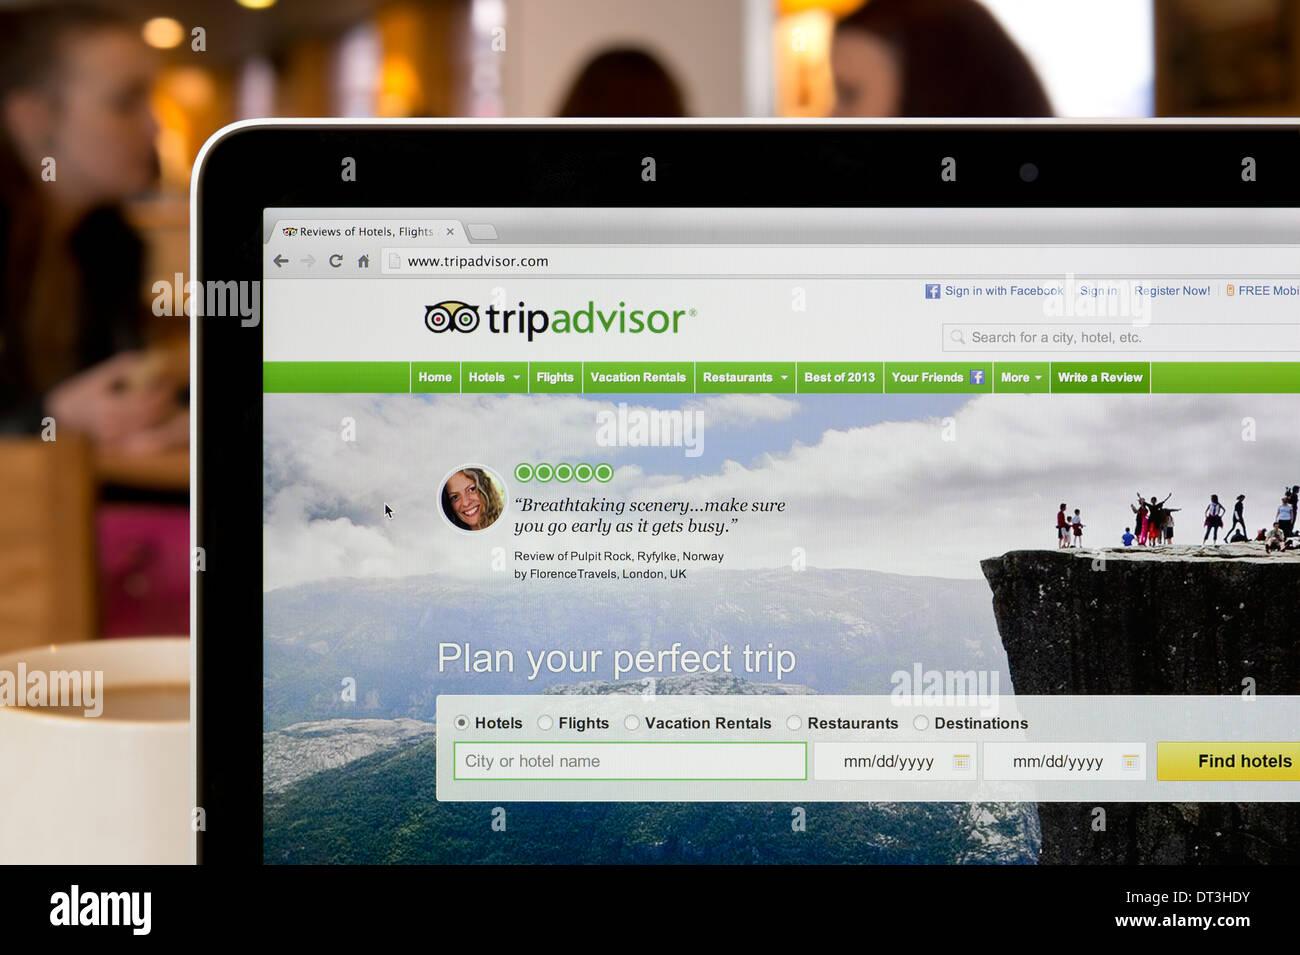 El sitio web de Tripadvisor rodada en un ambiente de cafetería (sólo para uso editorial: -print, televisión, e-book editorial y sitio web). Imagen De Stock